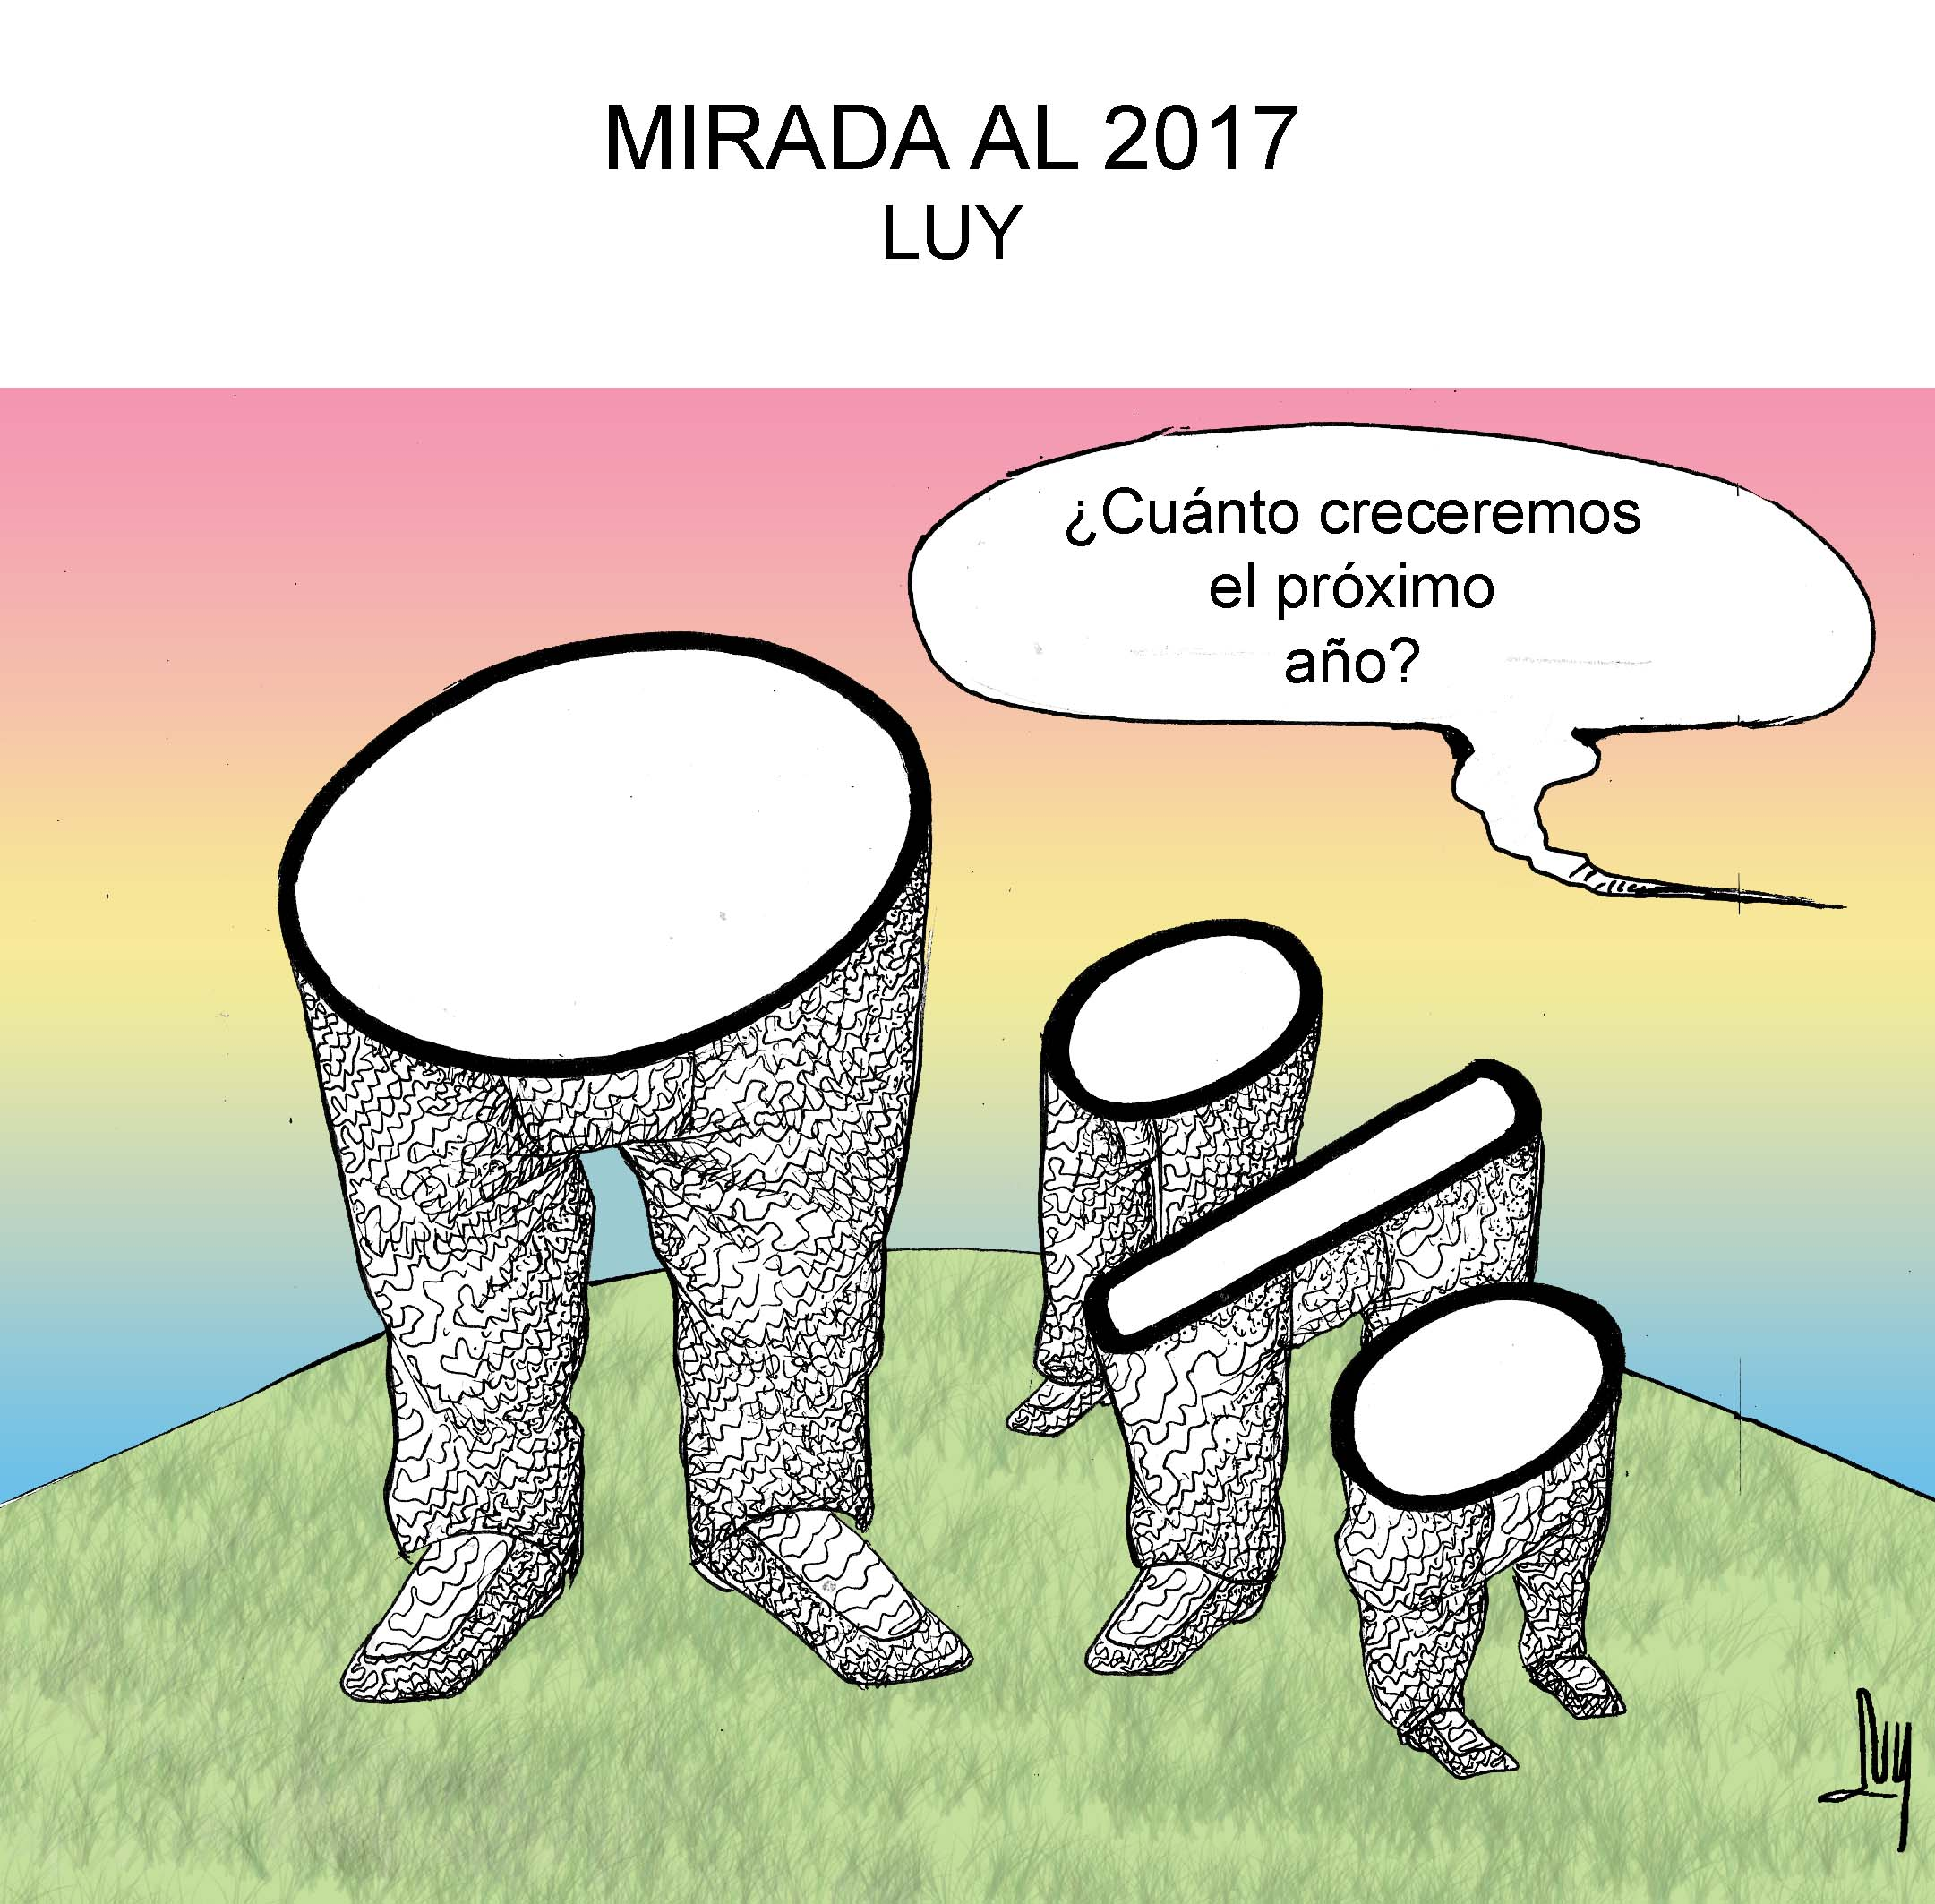 mirada-2017